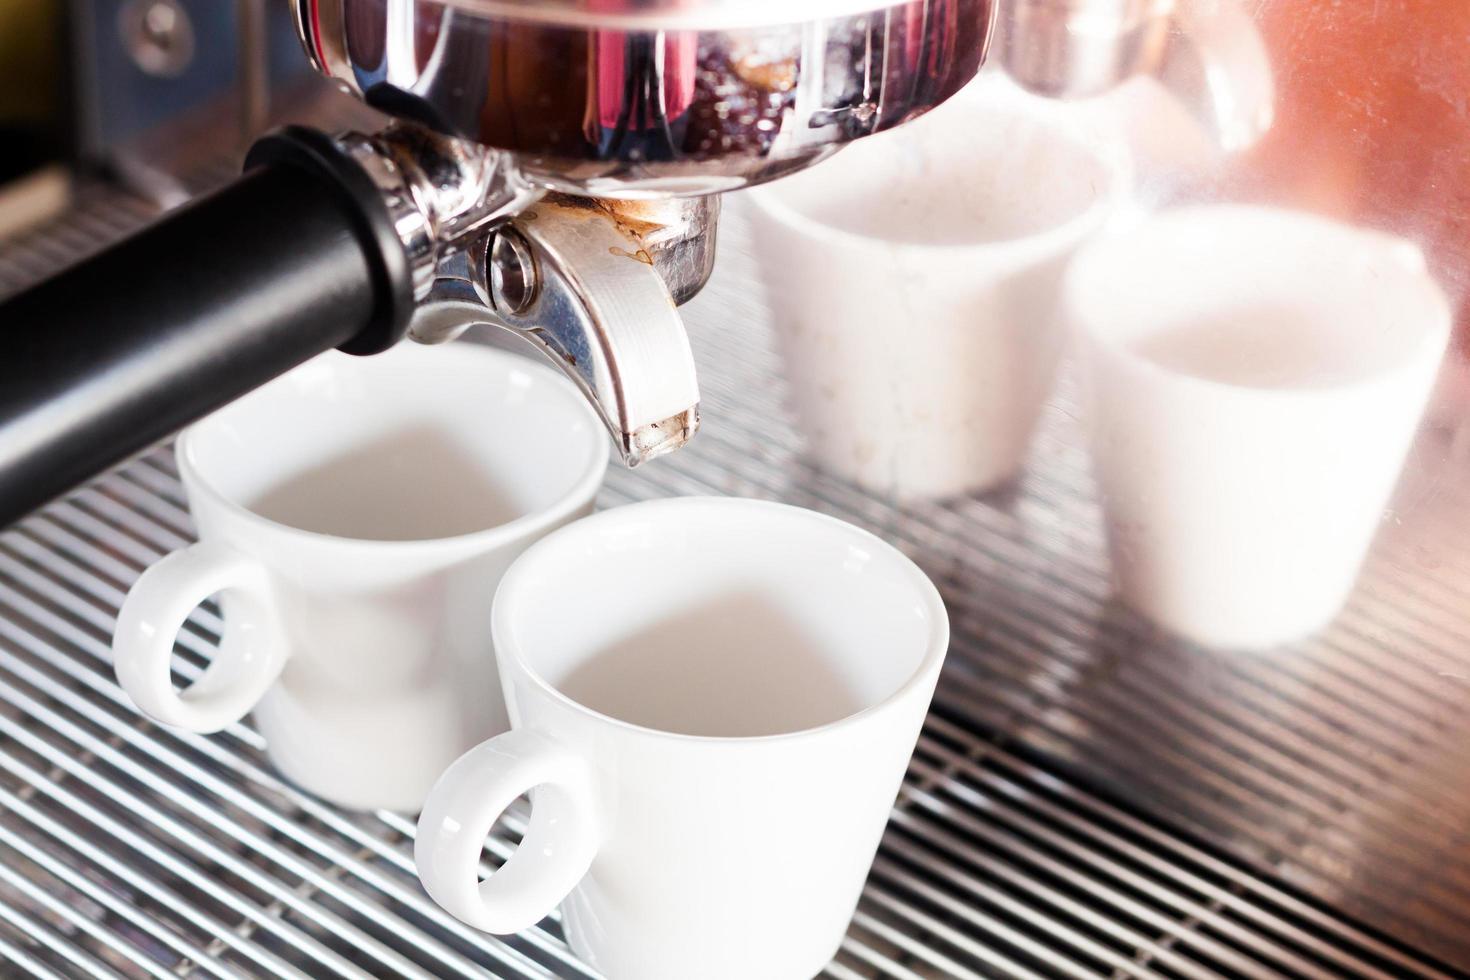 espresso kopjes onder een espressomachine foto